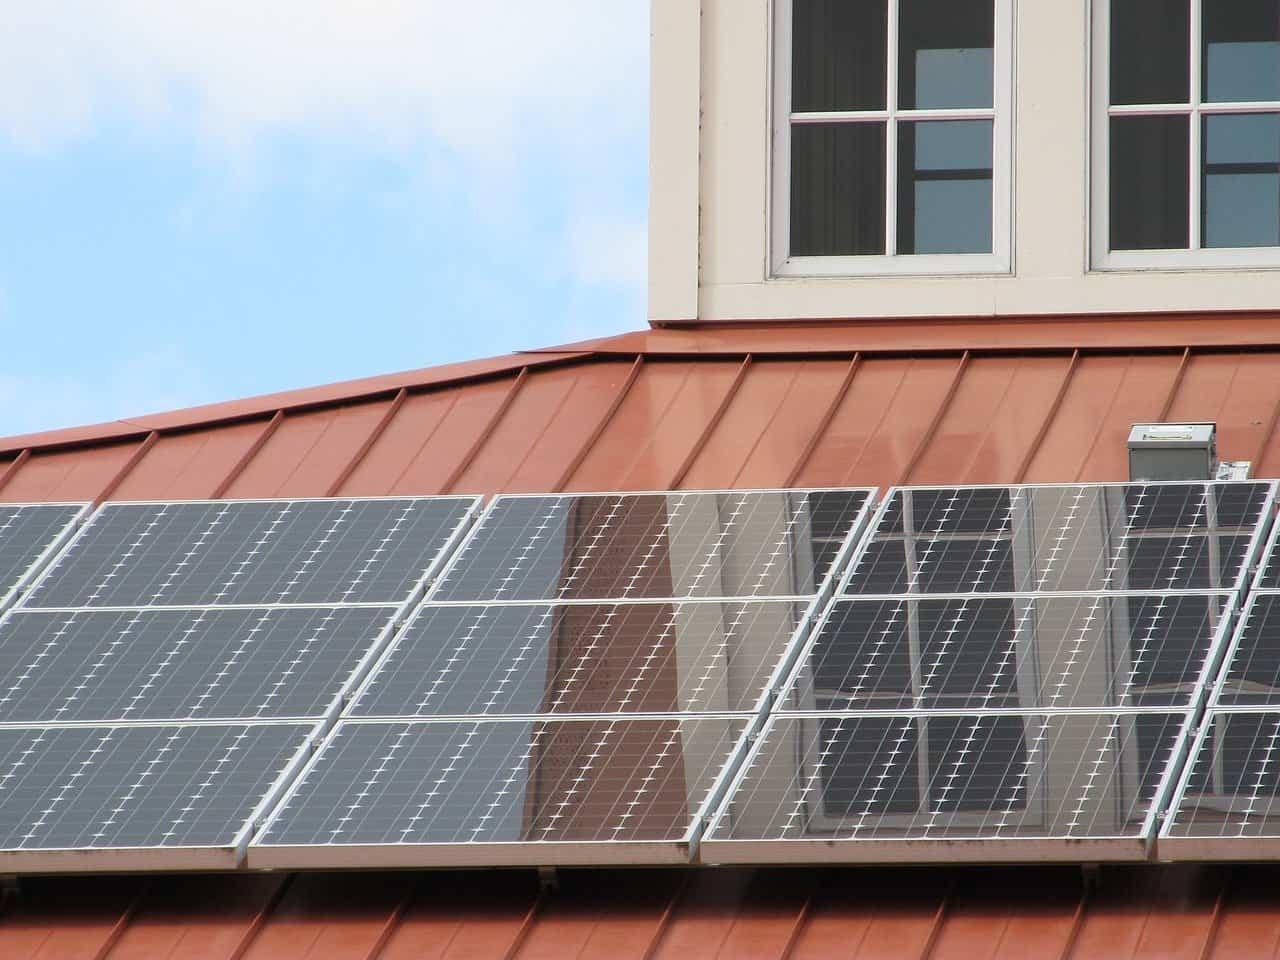 Rensning af solceller - Solpaneler